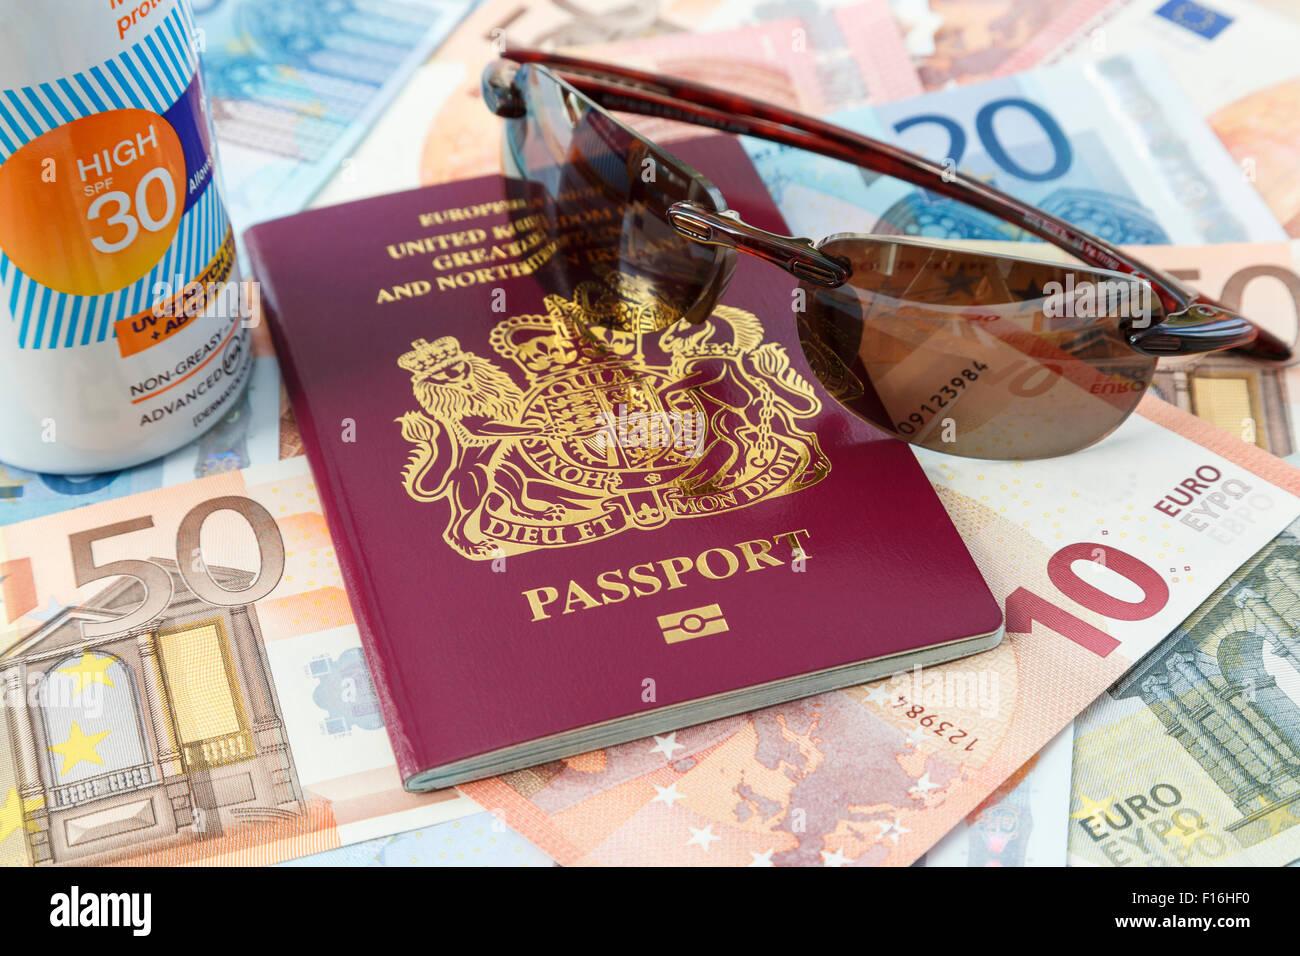 Cose di viaggio con British passaporto biometrico valuta Euro crema solare e occhiali da sole per viaggiare in paesi Immagini Stock